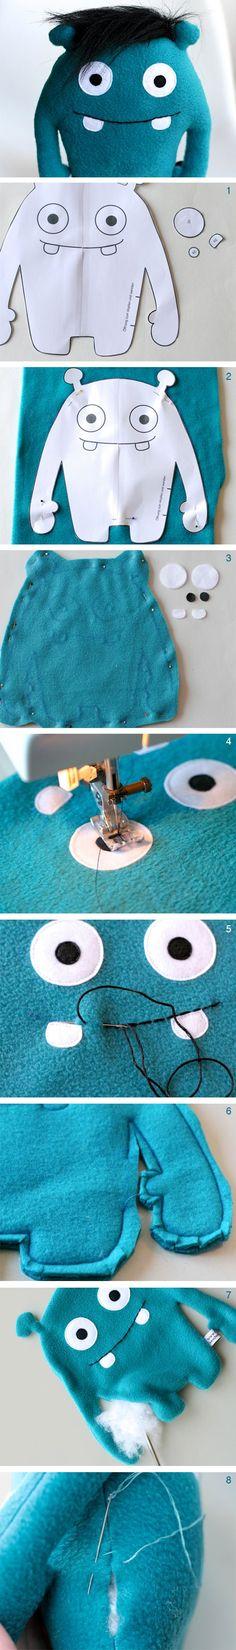 DIY-Nähanleitung für ein niedliches Monster aus Plüsch, Spielzeug selbermachen…